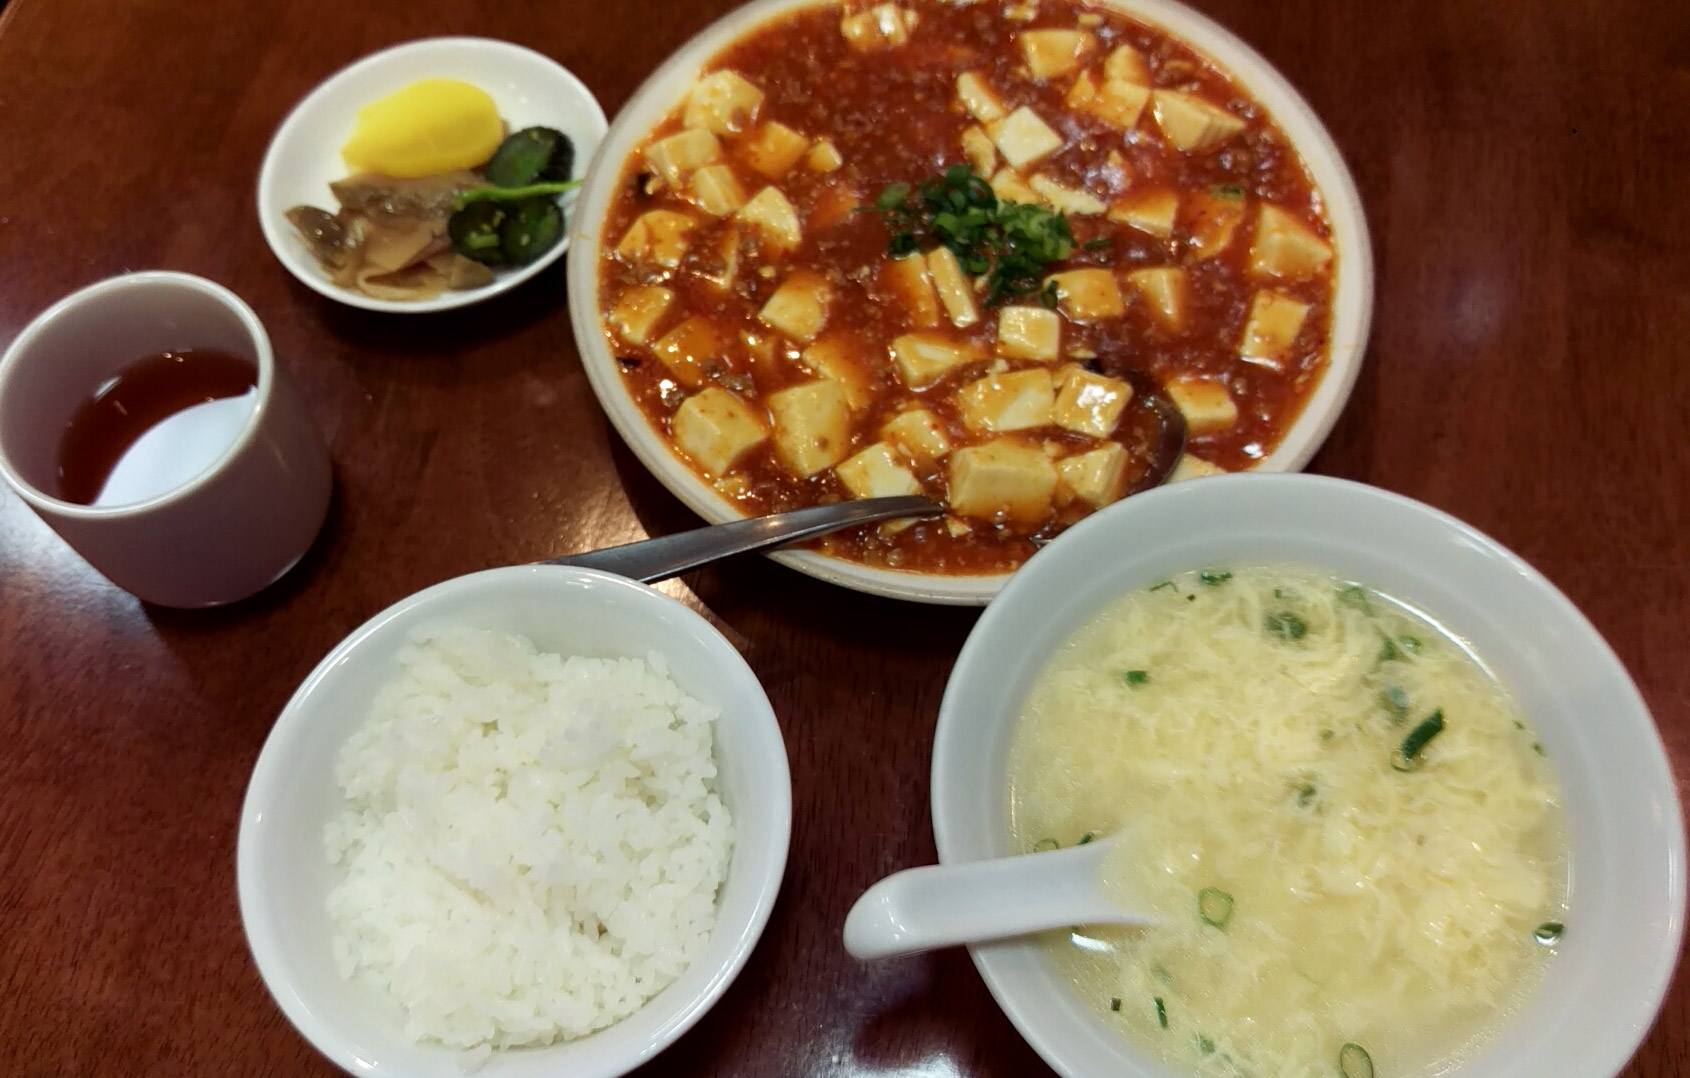 激辛、ごはん半分でお願いした 麻婆豆腐定食@昌園さん